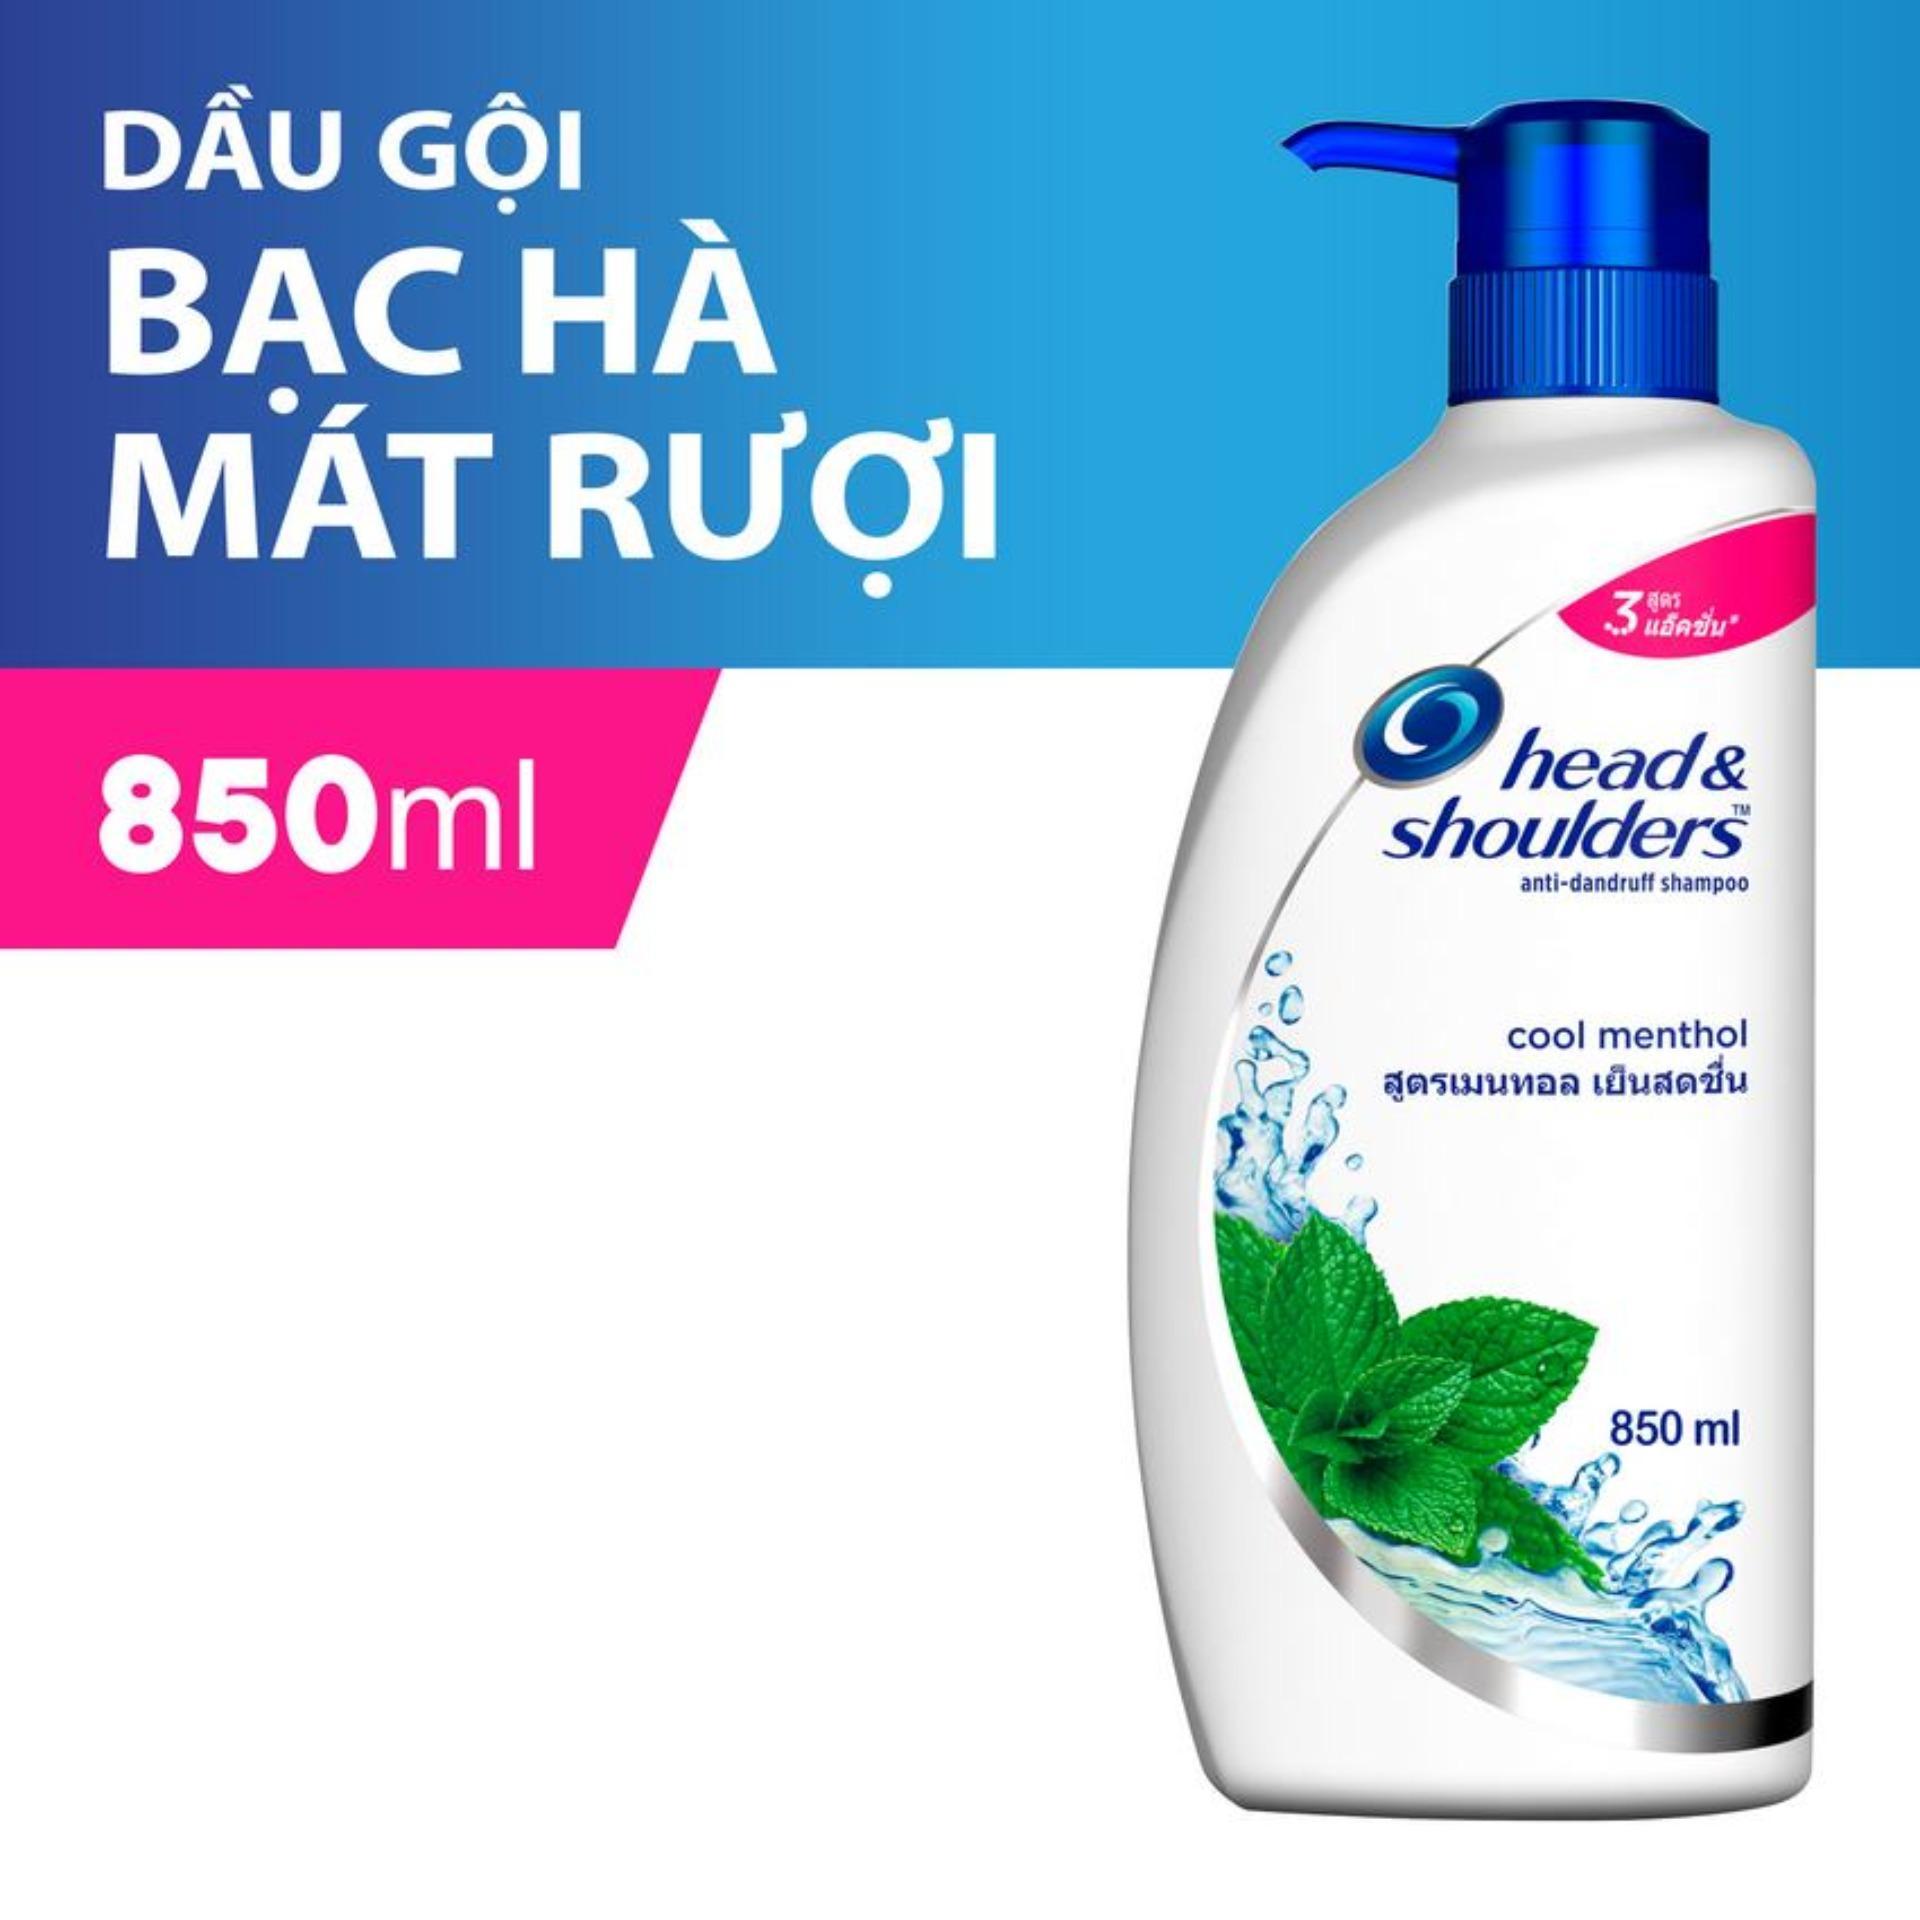 Dầu Gội Head & Shoulders Bạc Hà Mát rượi 850ml